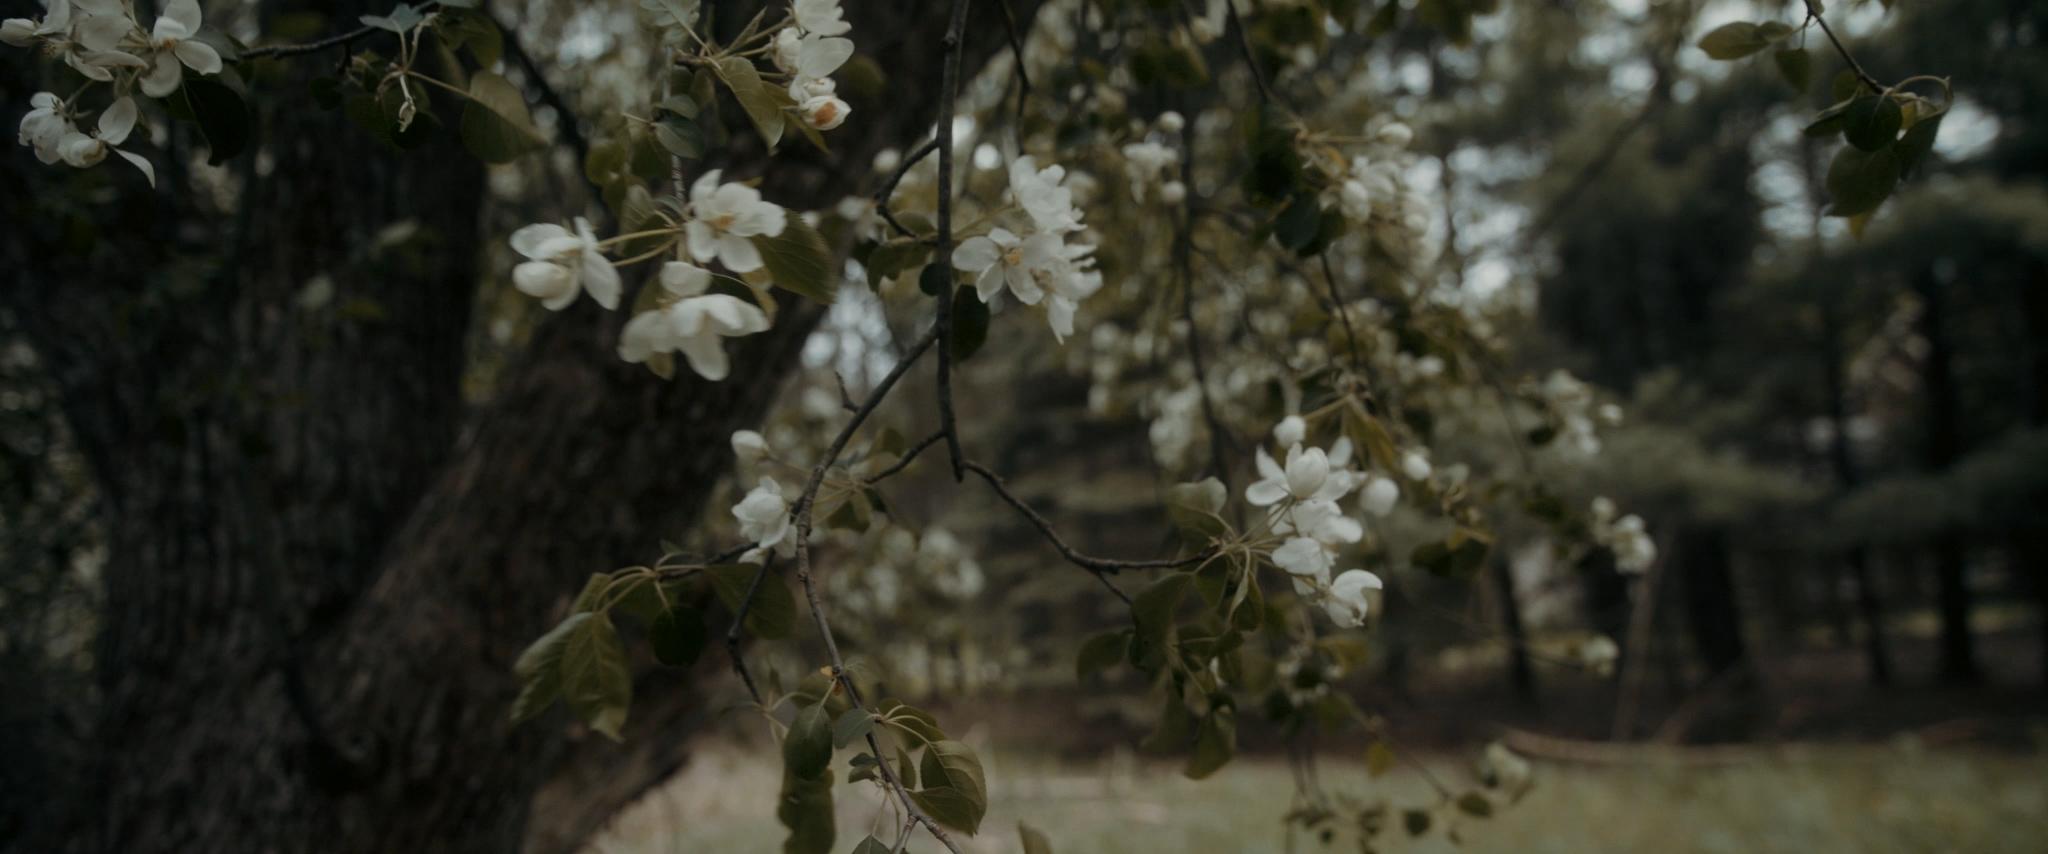 HAVENS_Wedding_Film.00_06_10_14.Still066.jpg